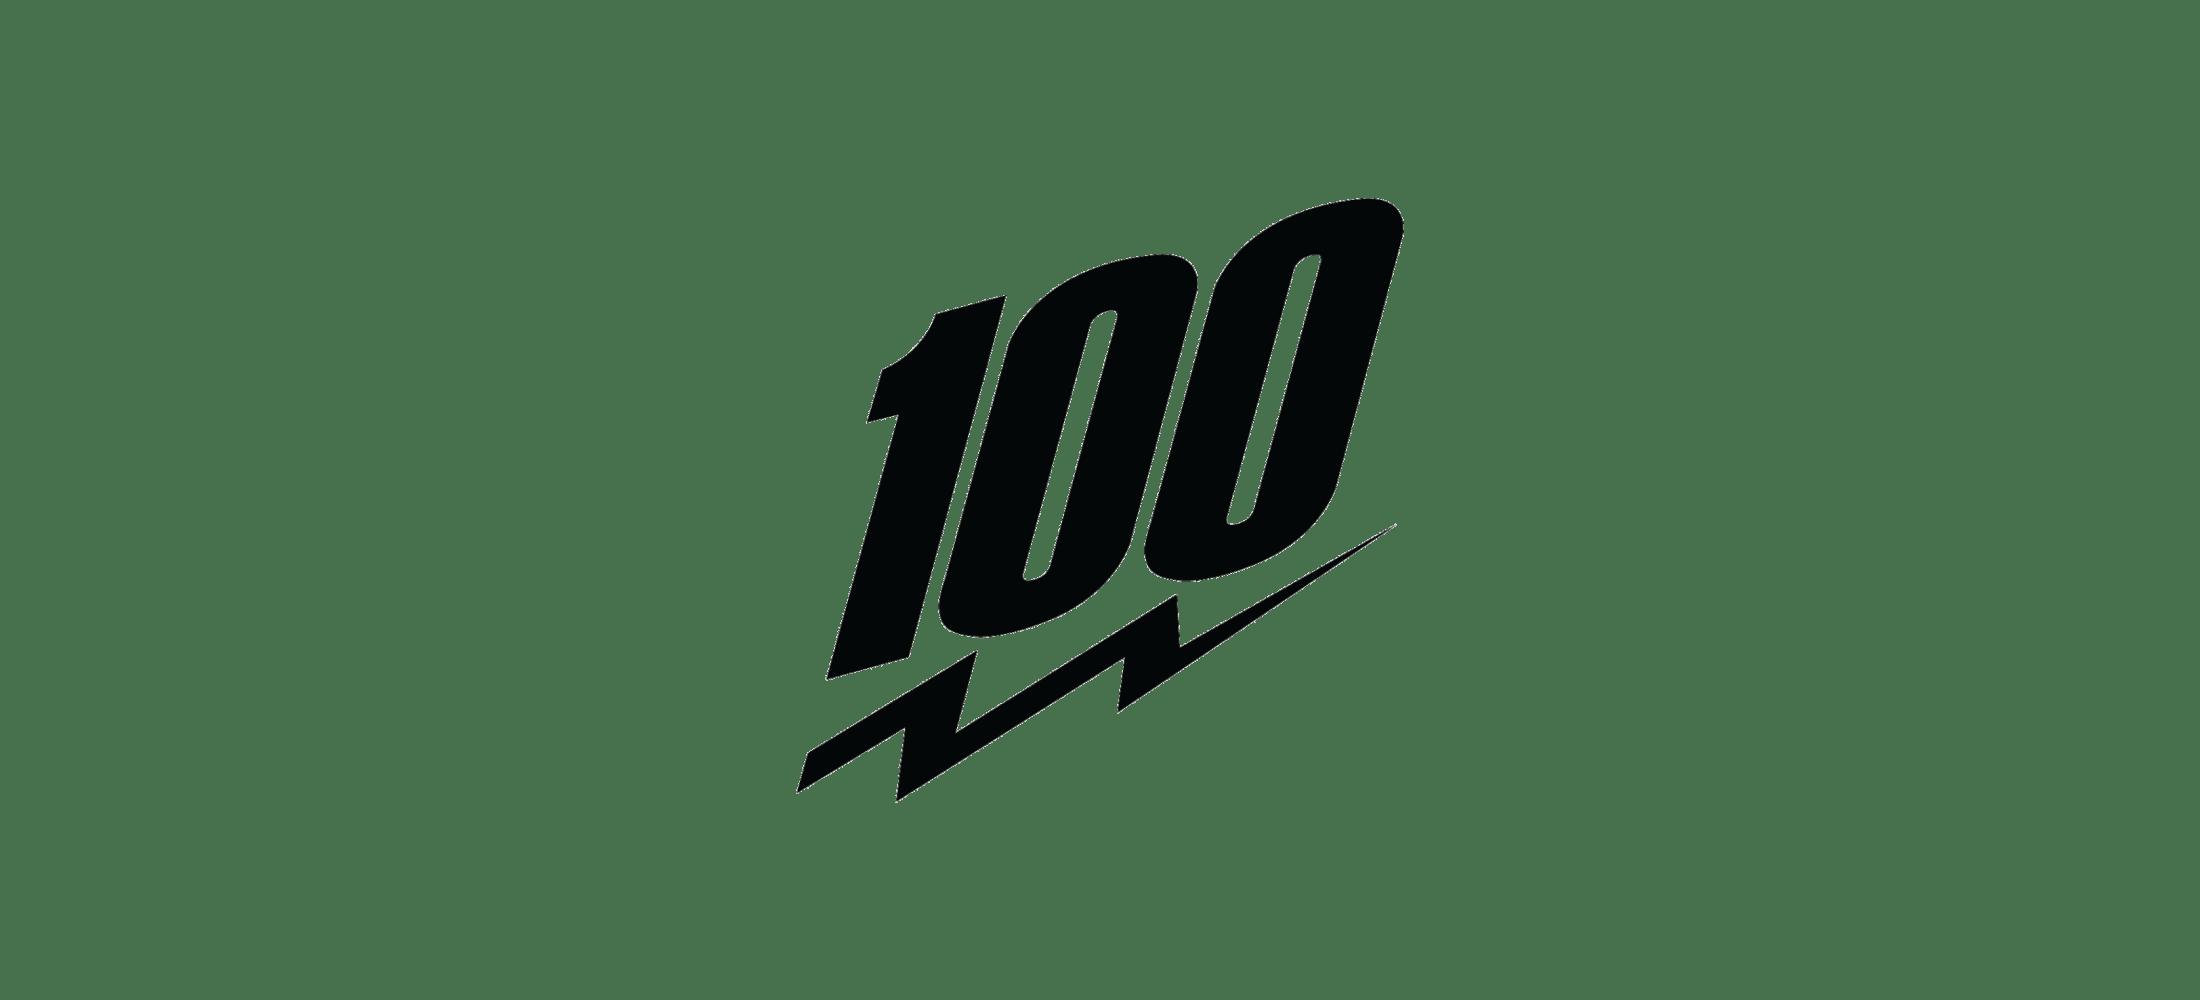 teststailseratus10